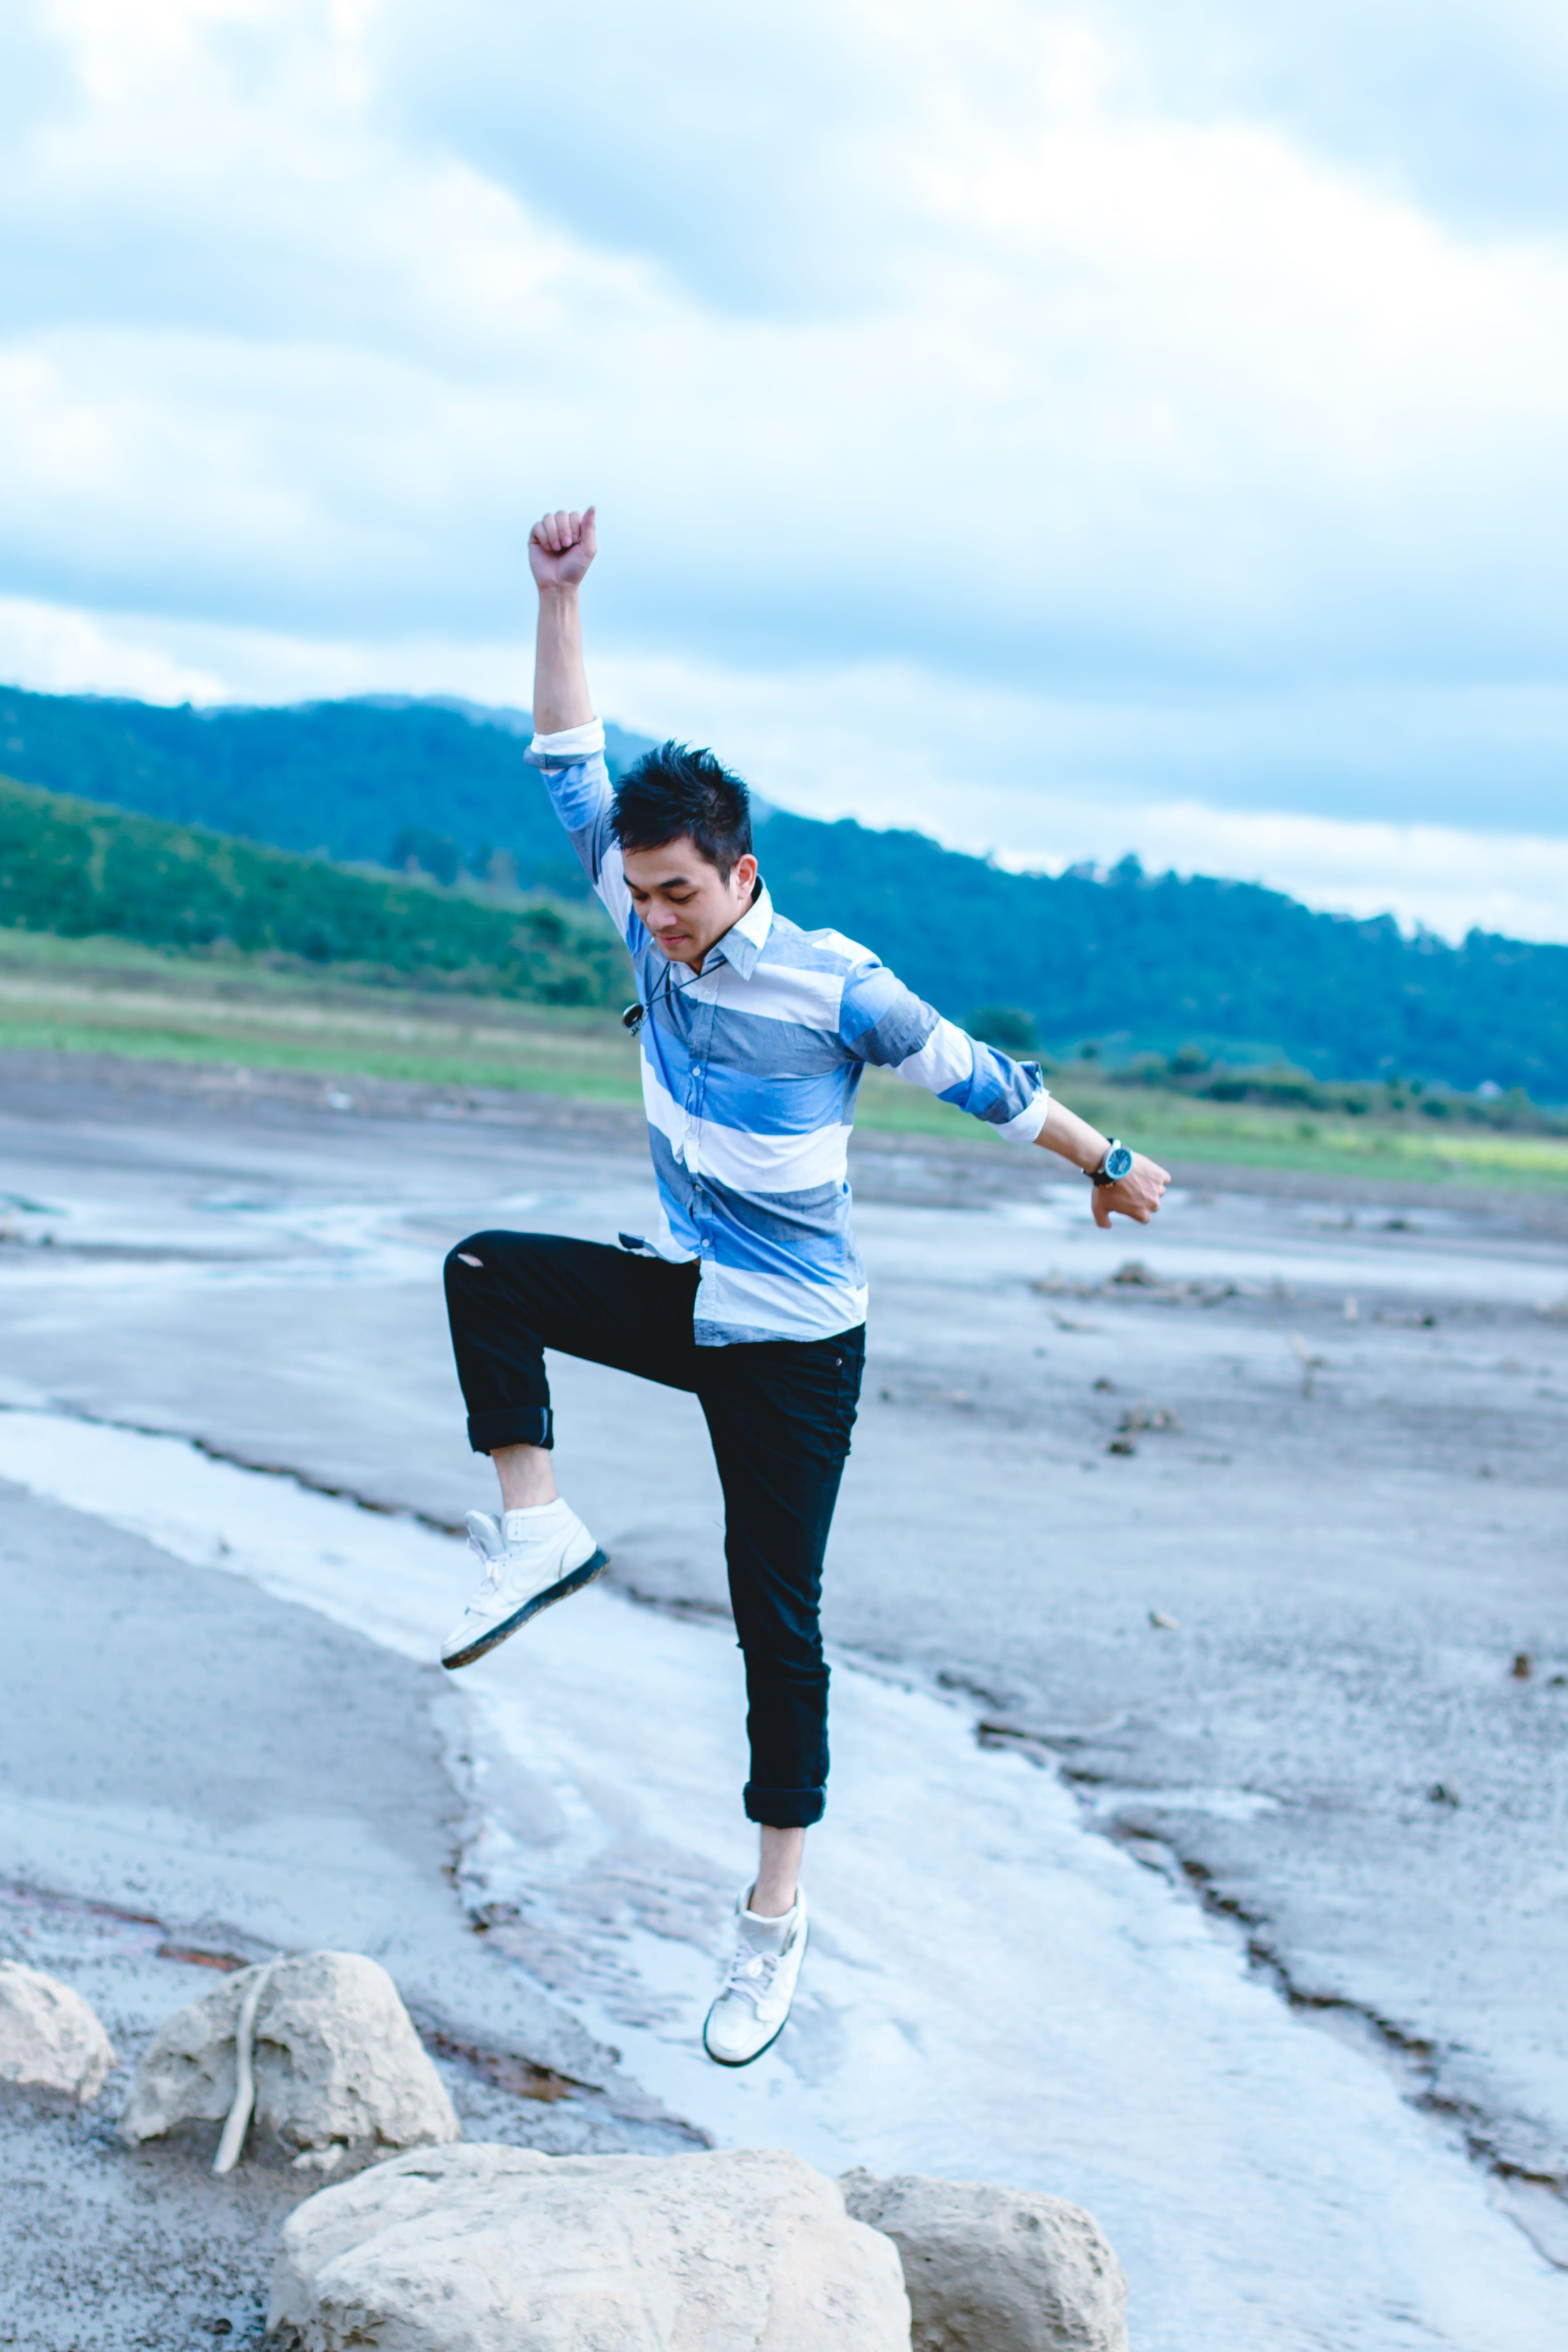 Безкоштовне стокове фото на тему «азіатський чоловік, активний, баланс, денний час»